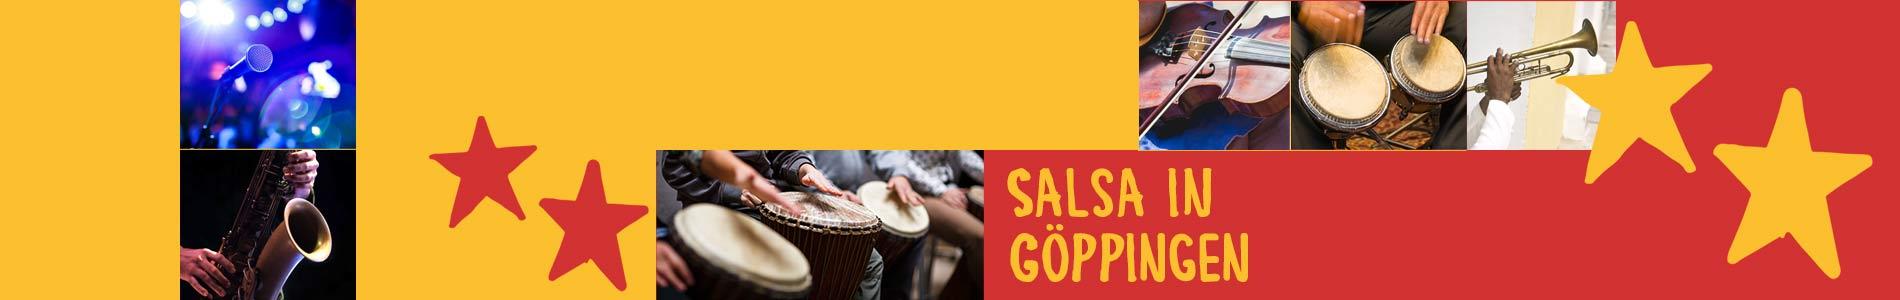 Salsa in Göppingen – Salsa lernen und tanzen, Tanzkurse, Partys, Veranstaltungen